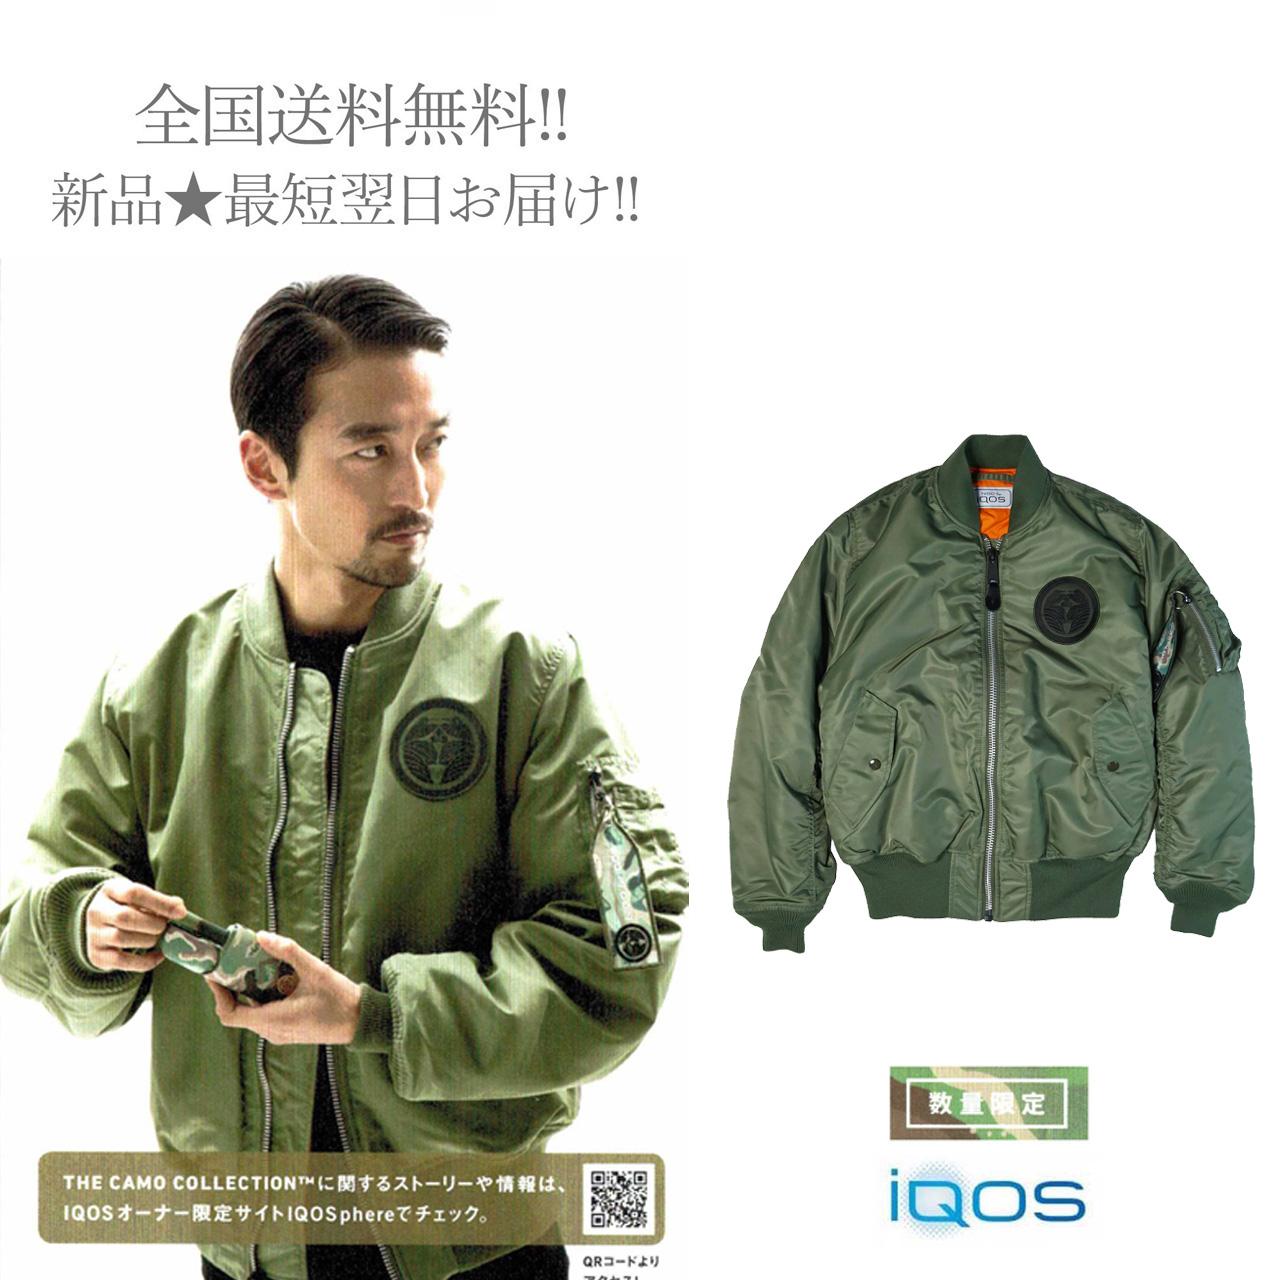 IQOS NIGO アイコス ニゴー MA-1 フライトジャケット サービス 家紋 男 S 税込 カーキ ワッペン メンズ 新品